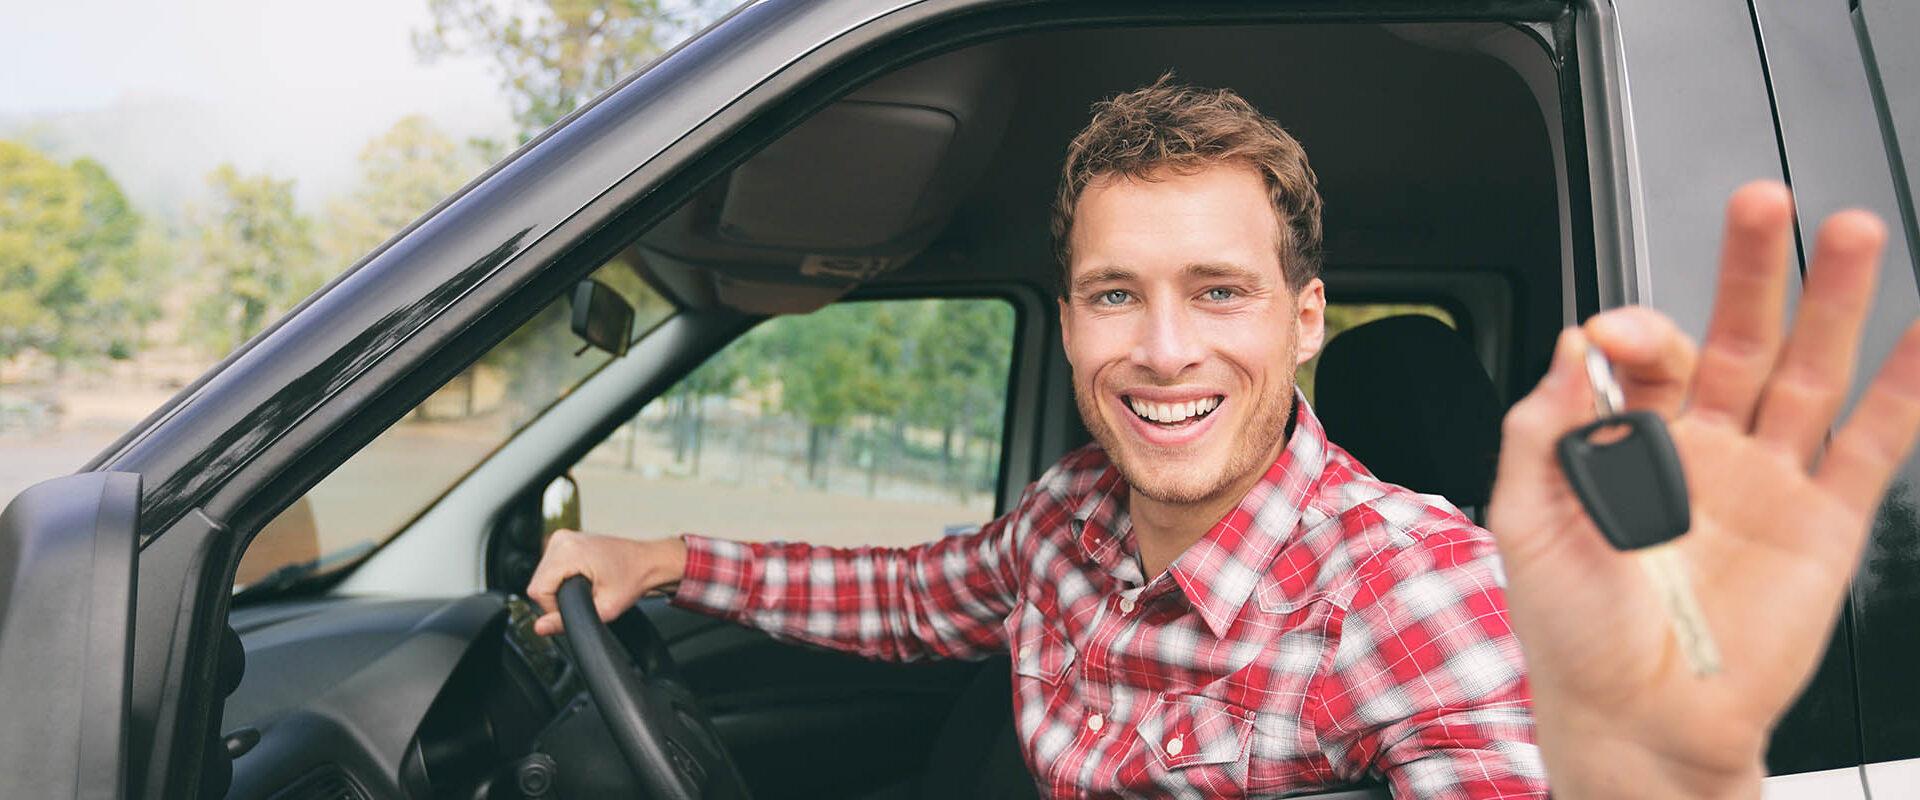 Assicurazione auto, furgoni e veicoli commerciali di Assix Assicurazioni